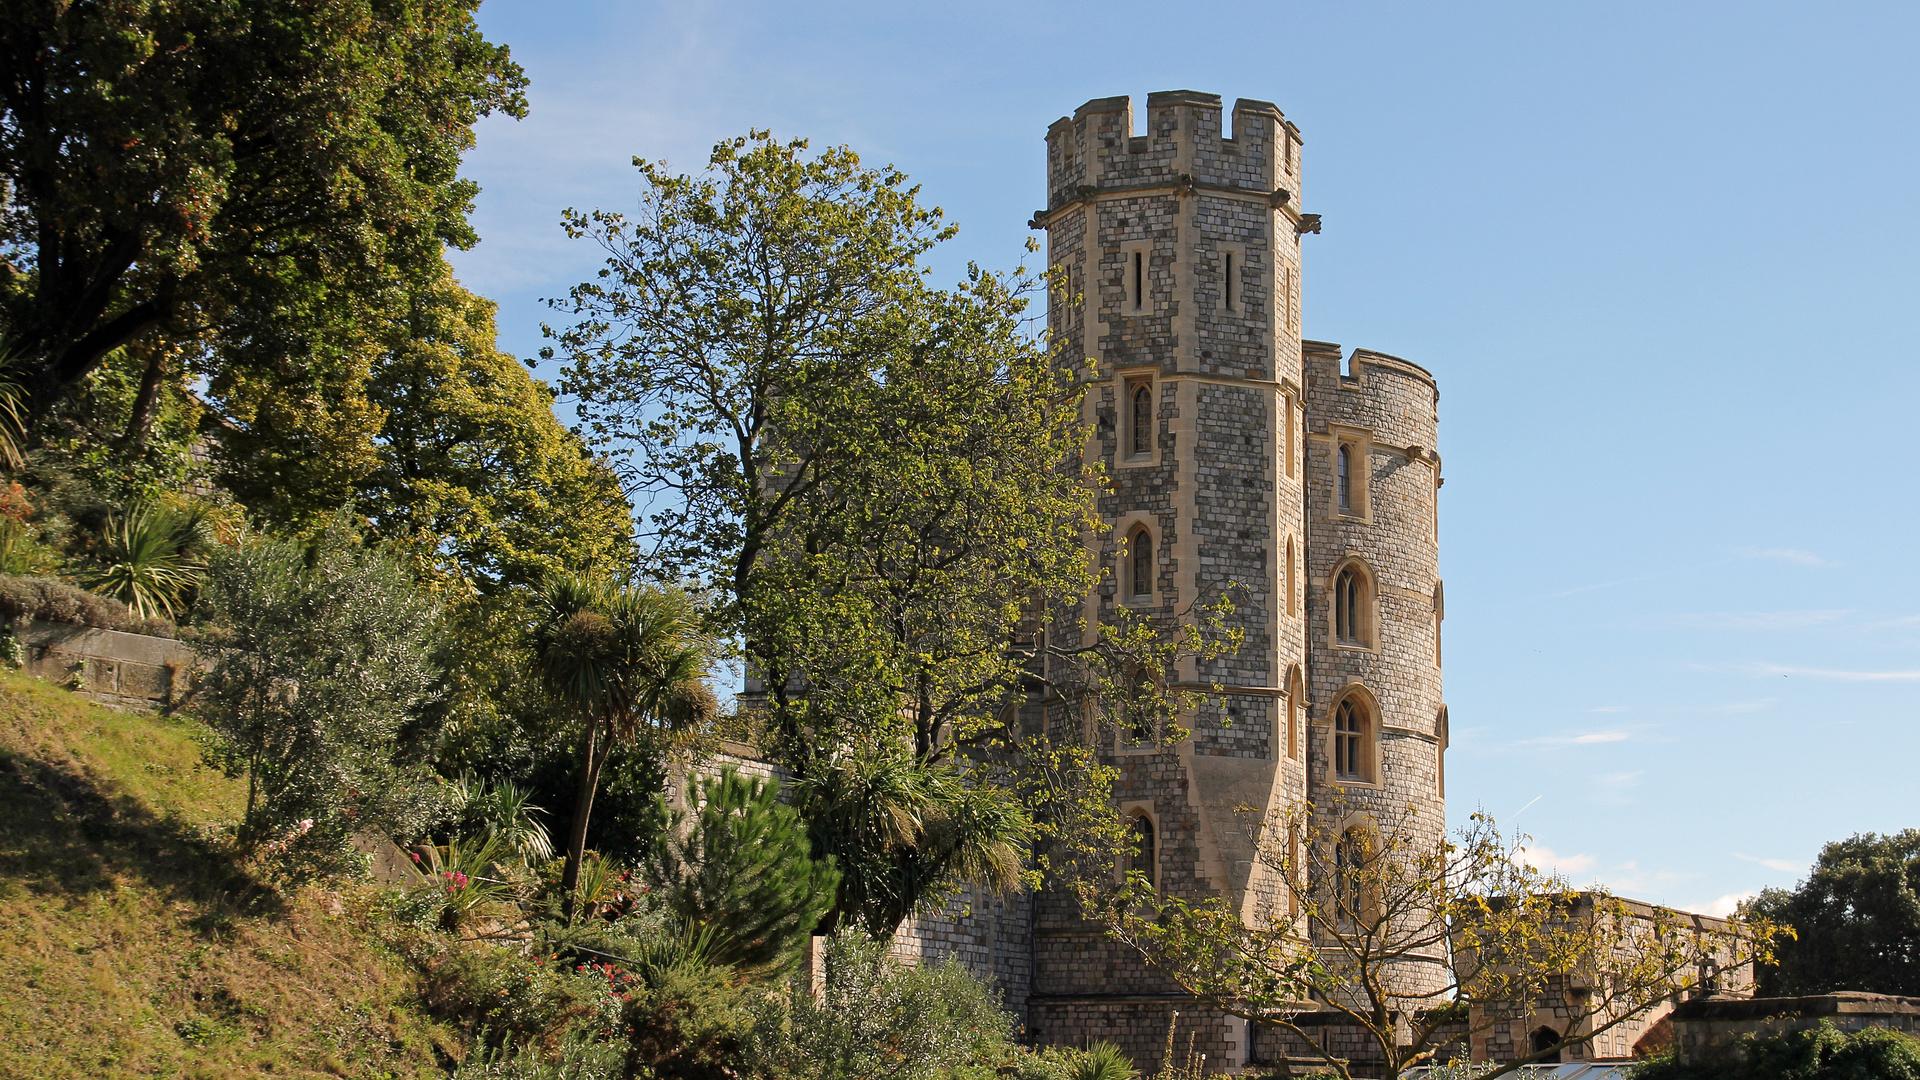 Impression in Windsor Castle